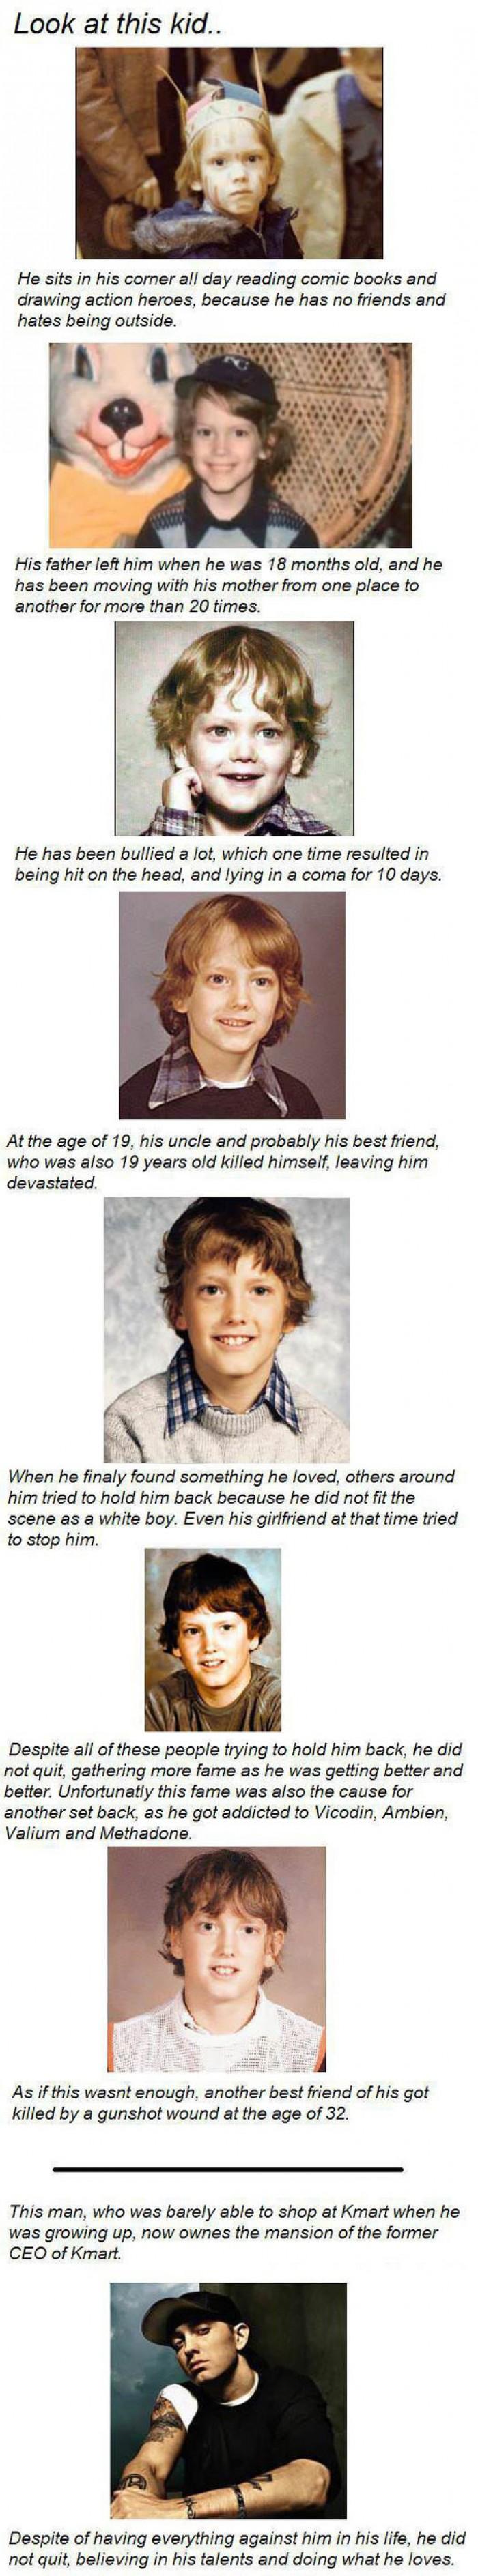 Eminem (Marshall Bruce Mathers) Life Story